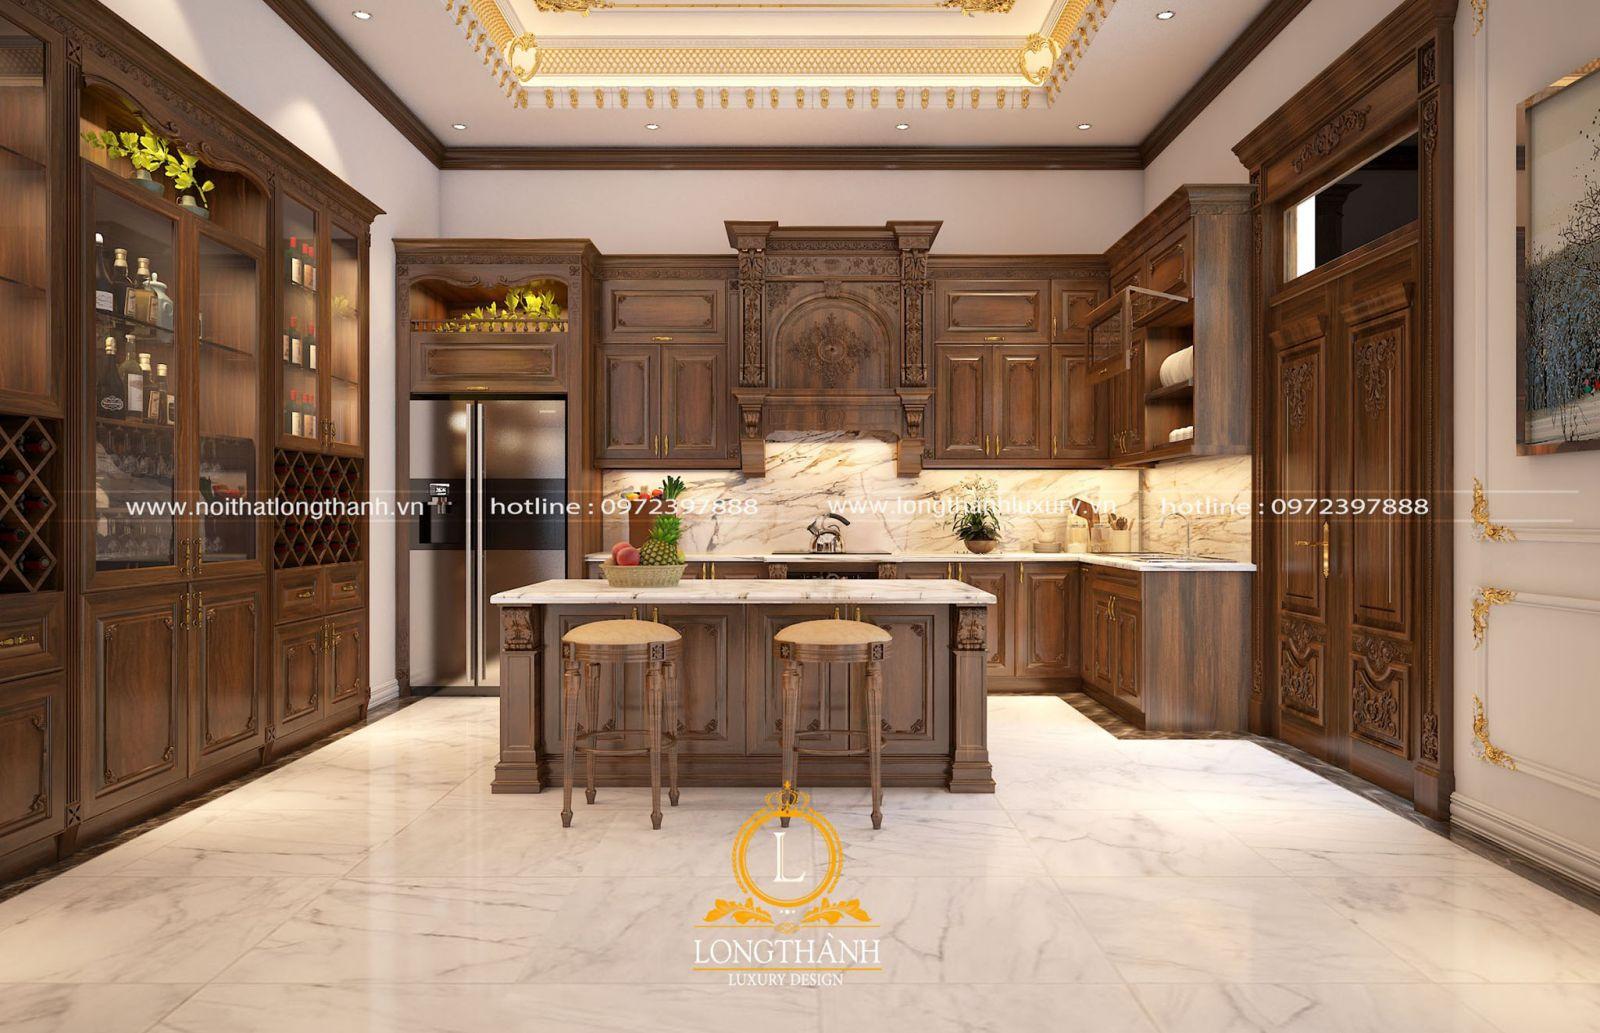 Mẫu tủ bếp tân cổ điển sơn nâu socola kết hợp bàn đảo vừa tiện lợi vừa sang trọng